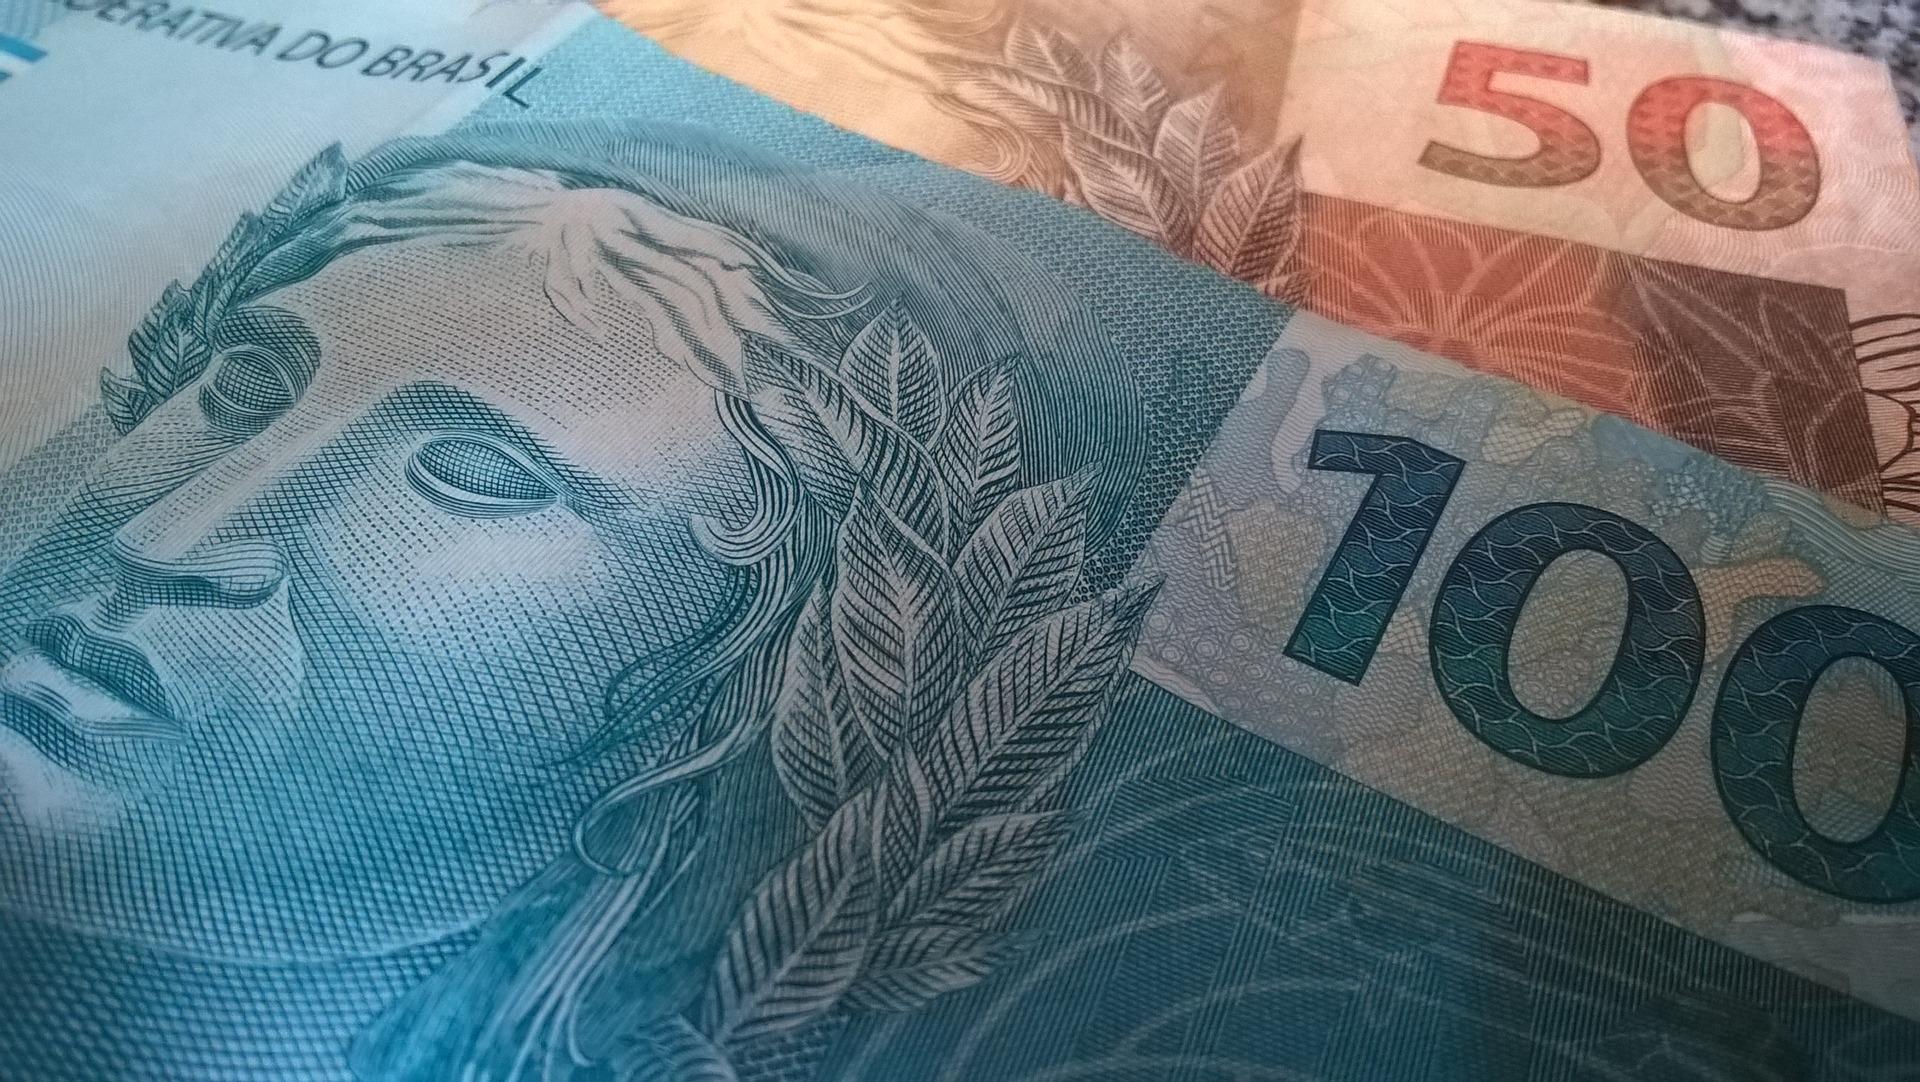 Boletim Focus: pela 3ª semana seguida expectativa sobre a inflação cai